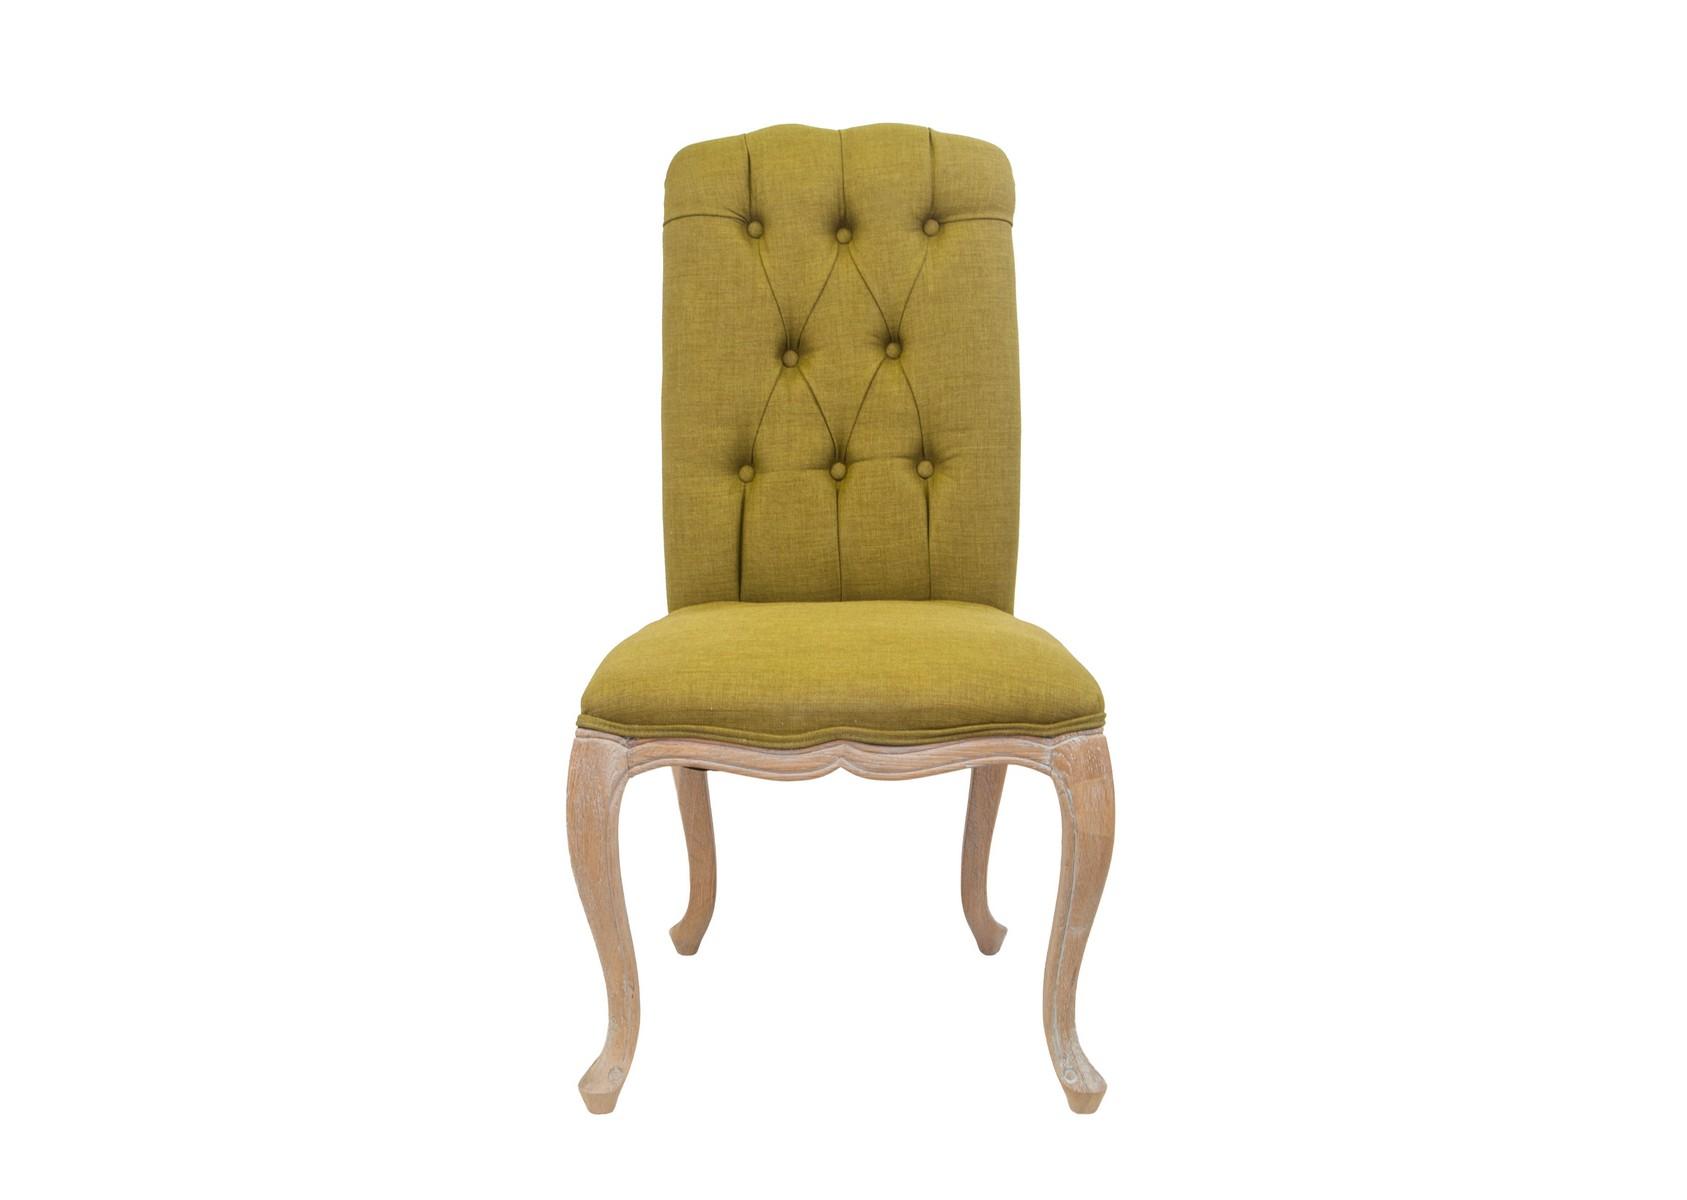 Стул Meliso greenОбеденные стулья<br>Стул с высокой, эффектно выгнутой спинкой, выполнен из массива дуба. Передние ножки декорированы резьбой ручной работы, подчеркивающей классический стиль стула.&amp;lt;div&amp;gt;&amp;lt;br&amp;gt;&amp;lt;/div&amp;gt;&amp;lt;div&amp;gt;Материалы: лен, массив дуба&amp;lt;/div&amp;gt;<br><br>Material: Дуб<br>Width см: 56<br>Depth см: 54<br>Height см: 104